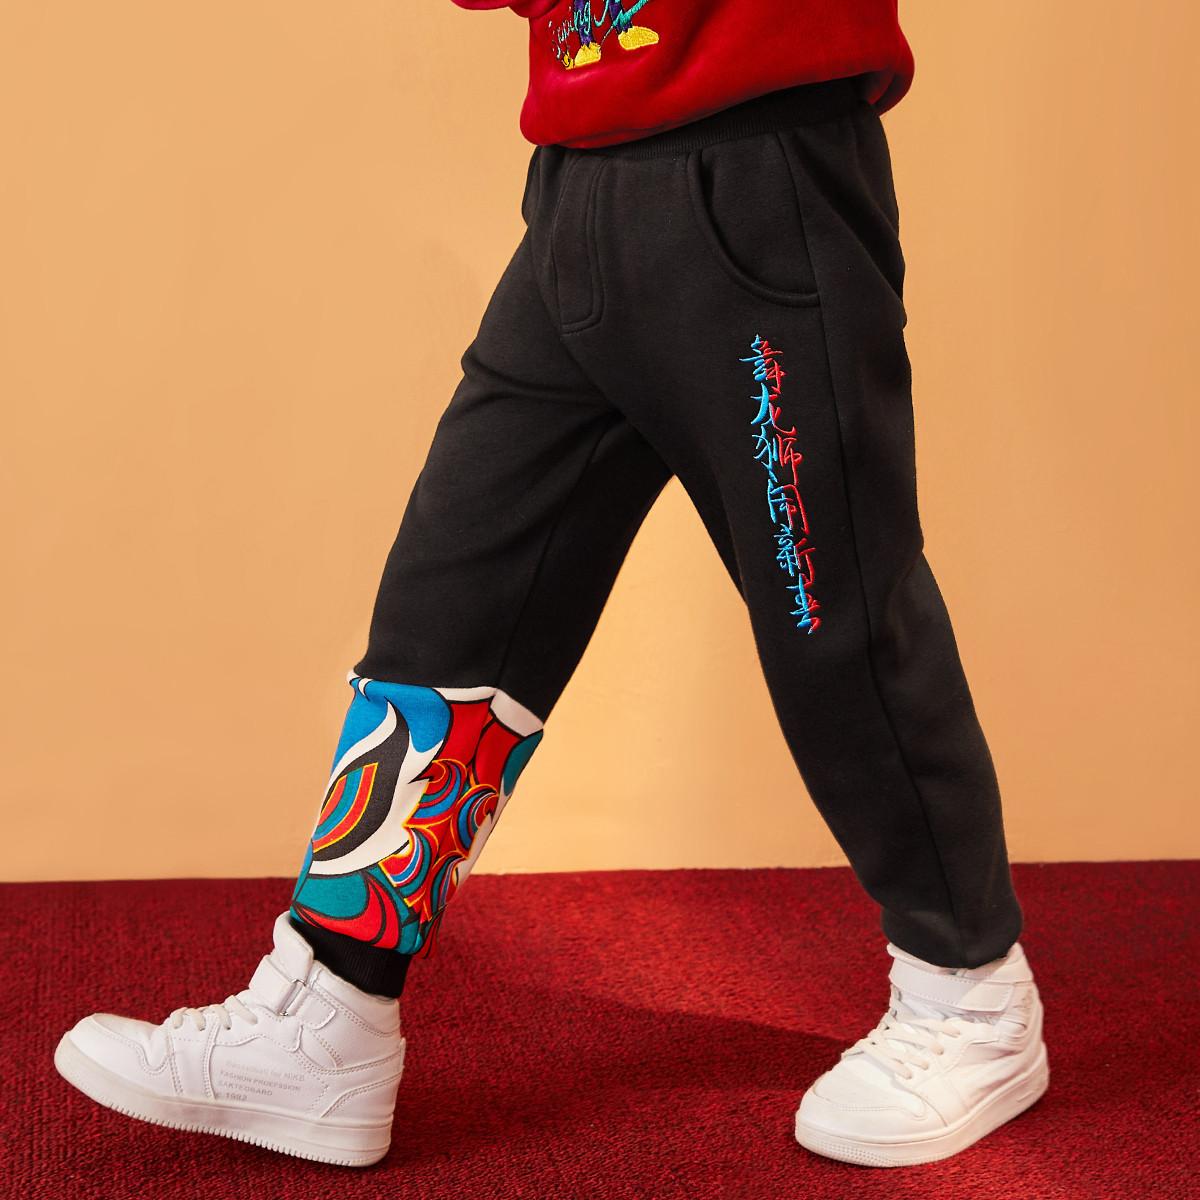 一贝皇城【鼠年定制】一贝皇城男童裤子加绒裤2020新年款儿童运动裤洋气1119412091001